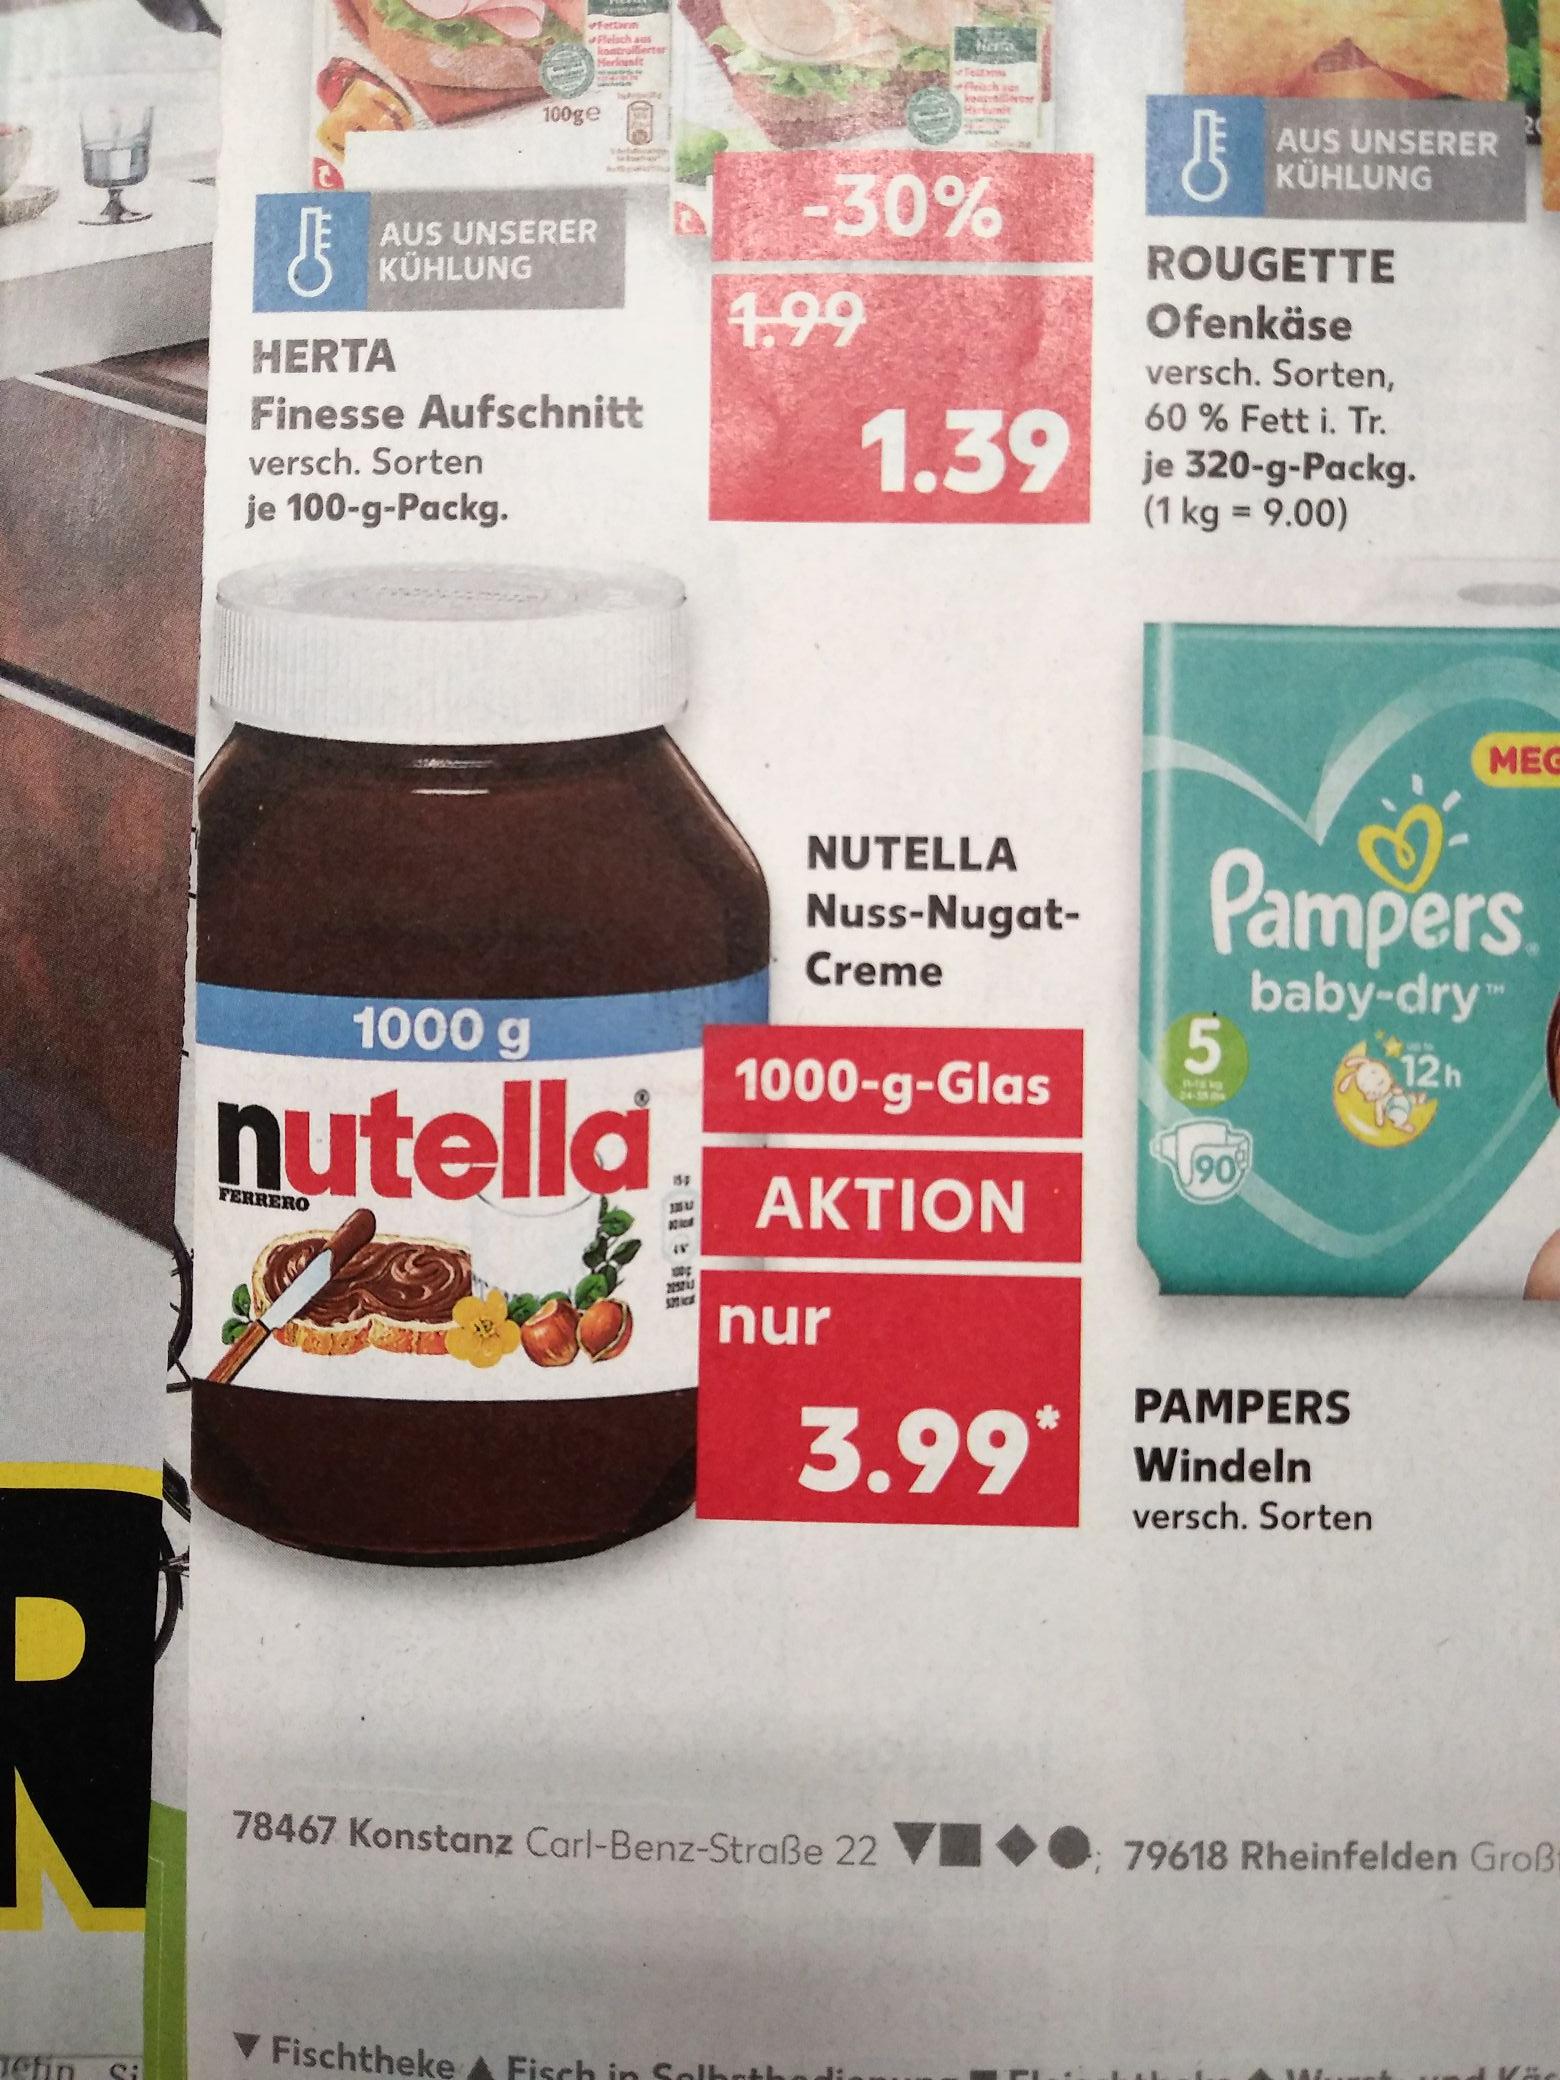 Nutella 1kg bei Kaufland